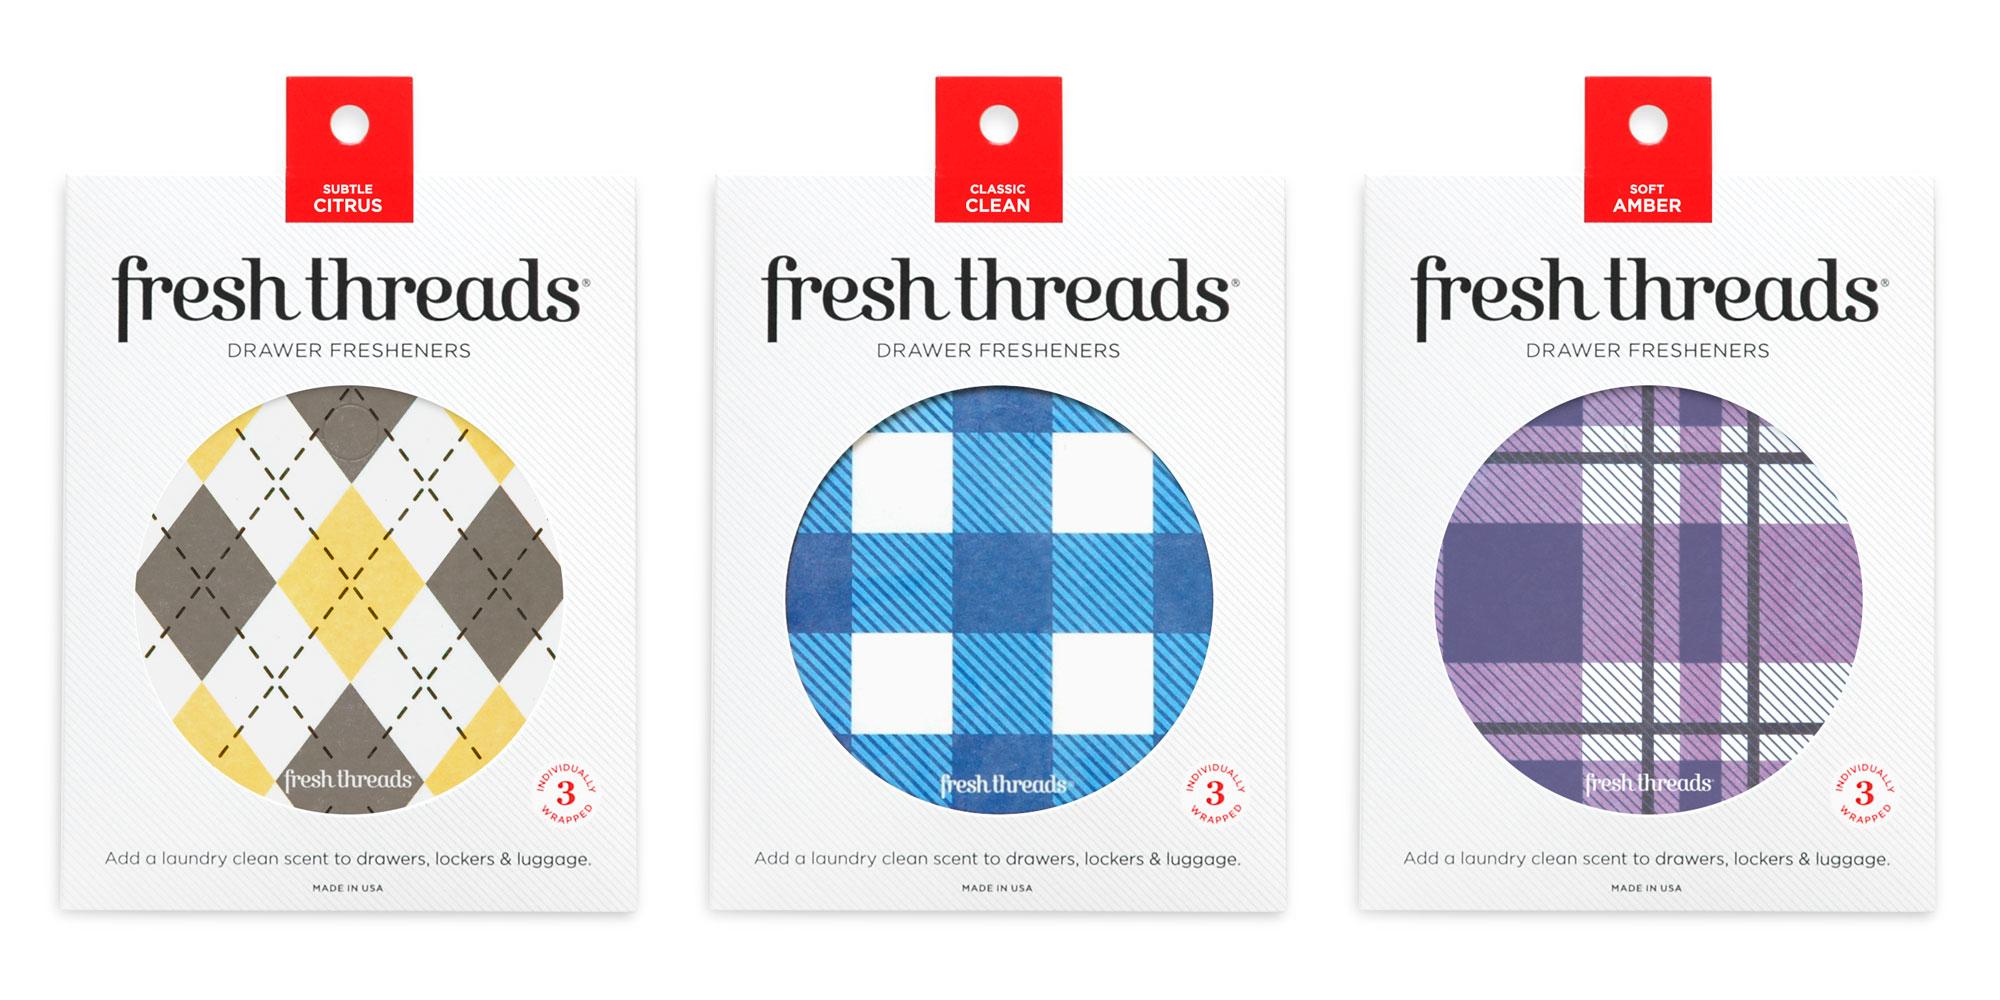 Fresh Threads Lineup